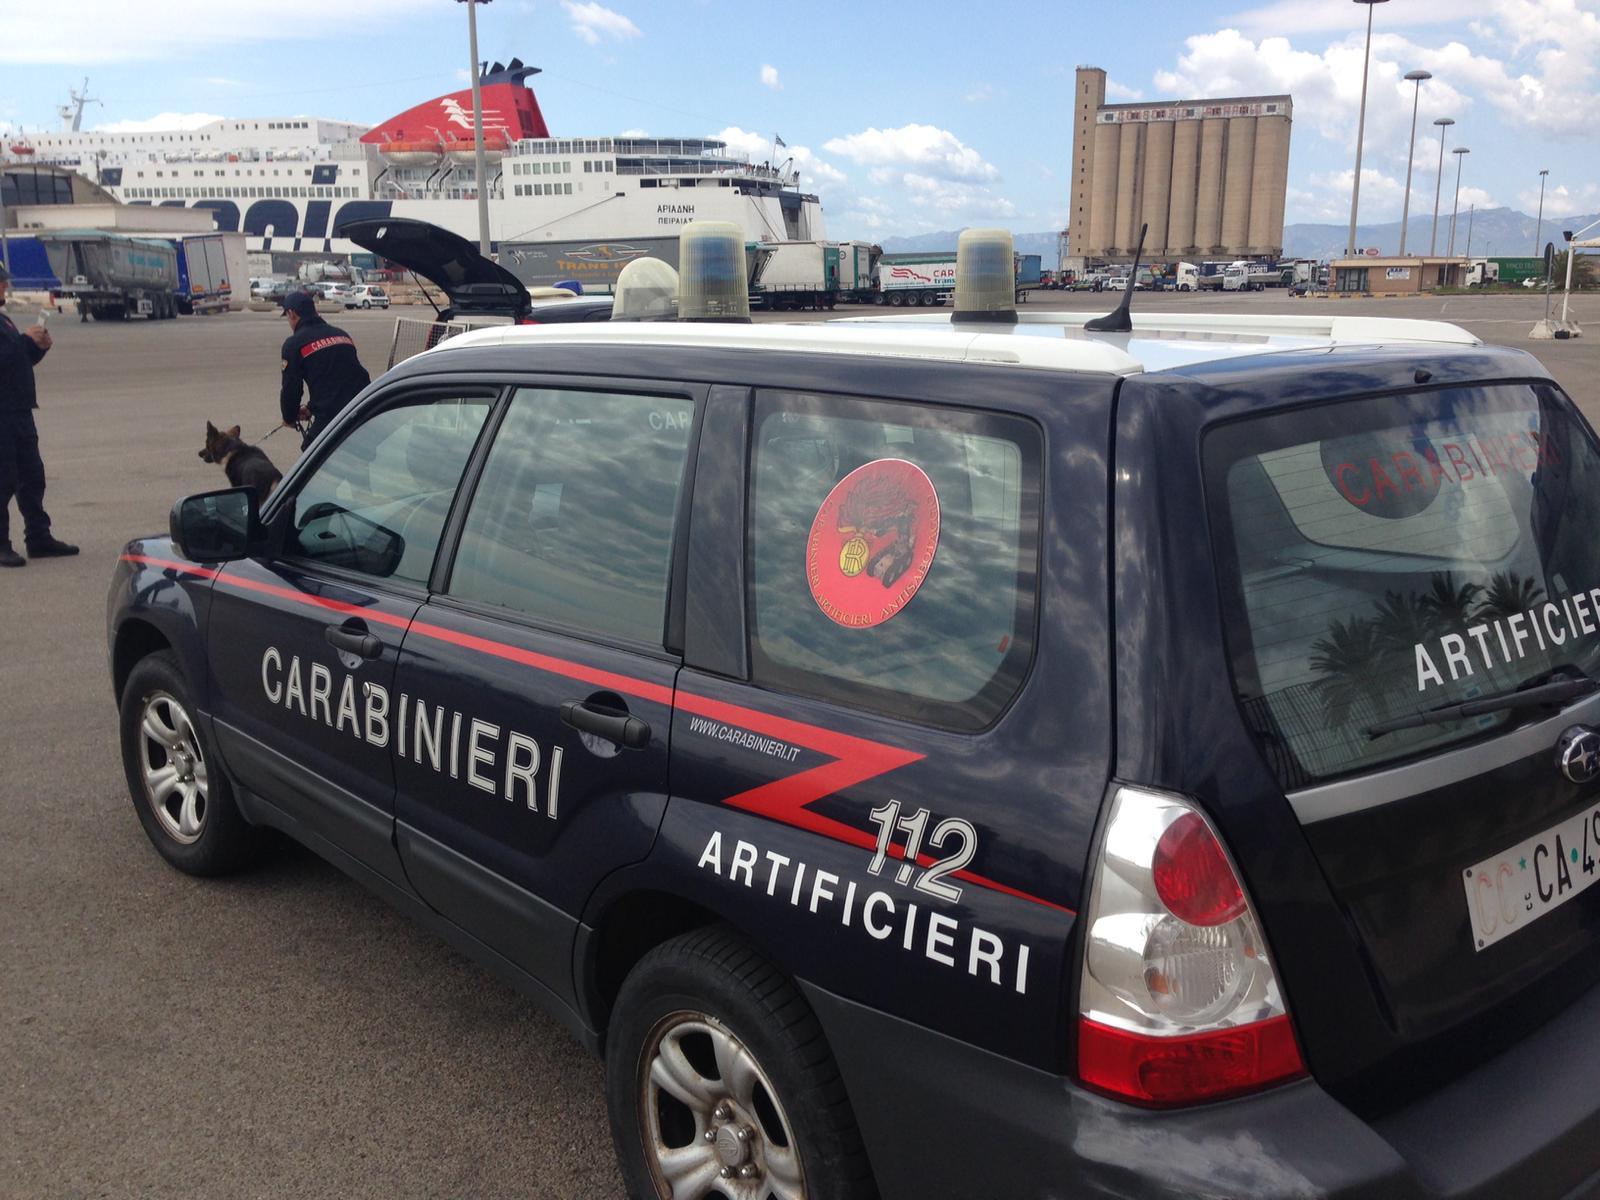 Artificieri impegnati al porto di Cagliari per un'esercitazione di antiterrorismo (9)